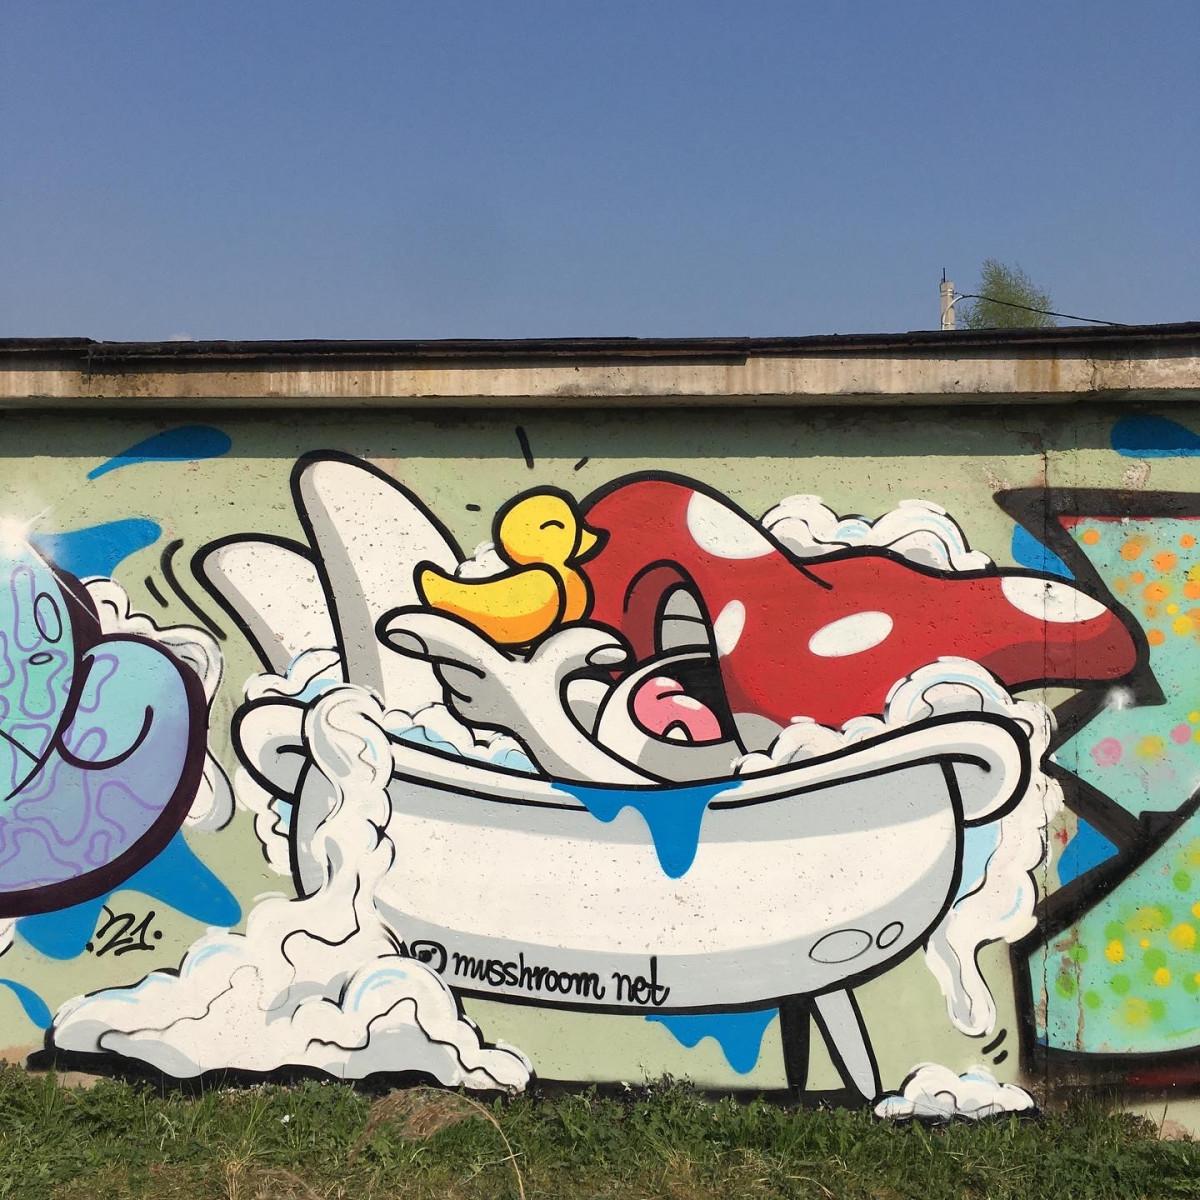 Mushroom net: интервью с грибным Бэнкси из Великого Новгорода